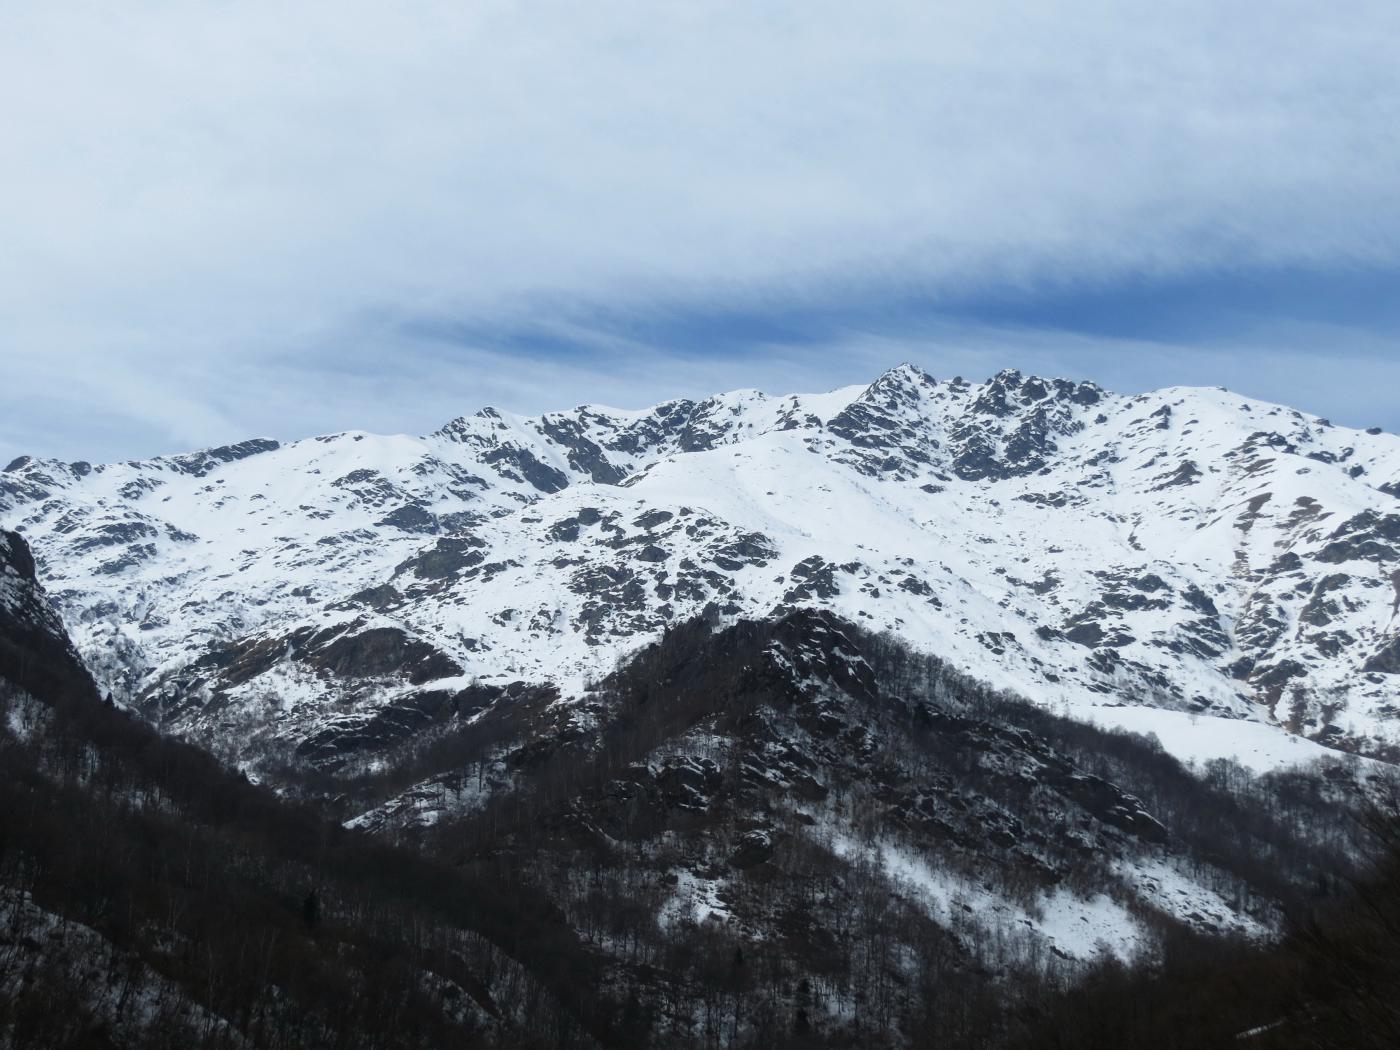 Panoramica sulla gita, al centro ben visibile la dorsale che conduce al Bechit, in alto a sx il canale sud-est descritto nella gita al Monte Roux